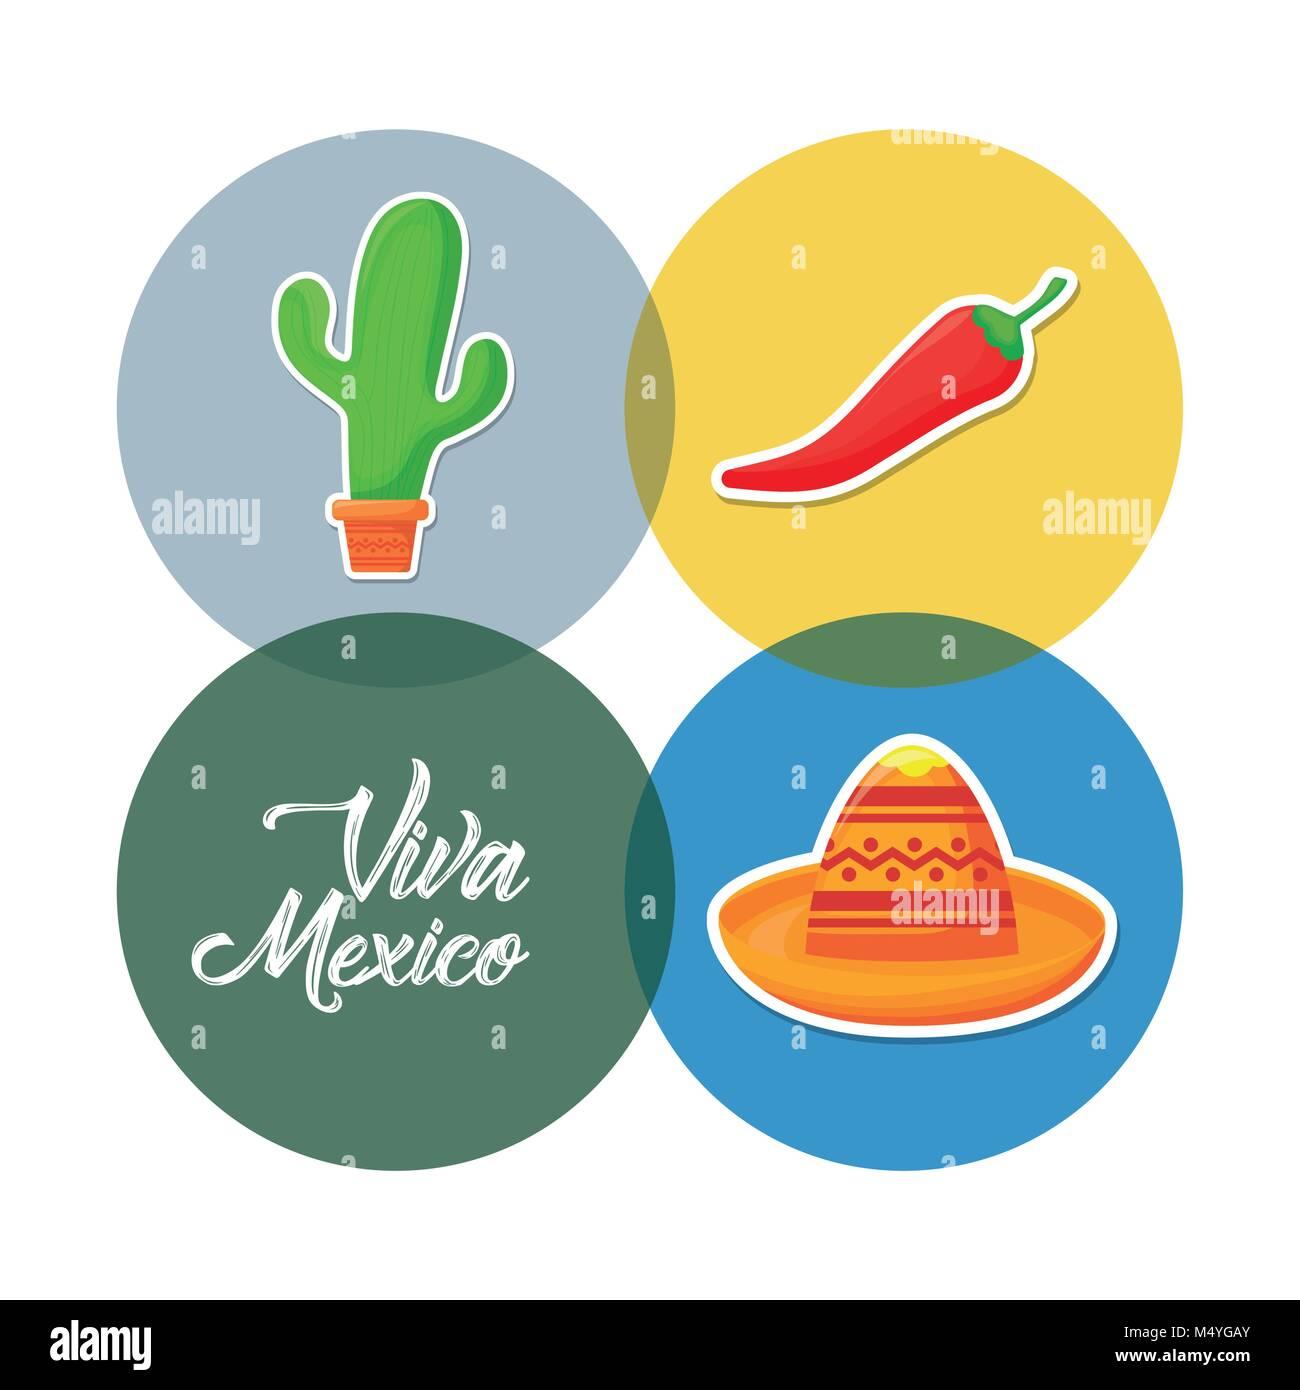 Viva mexico design - Stock Image